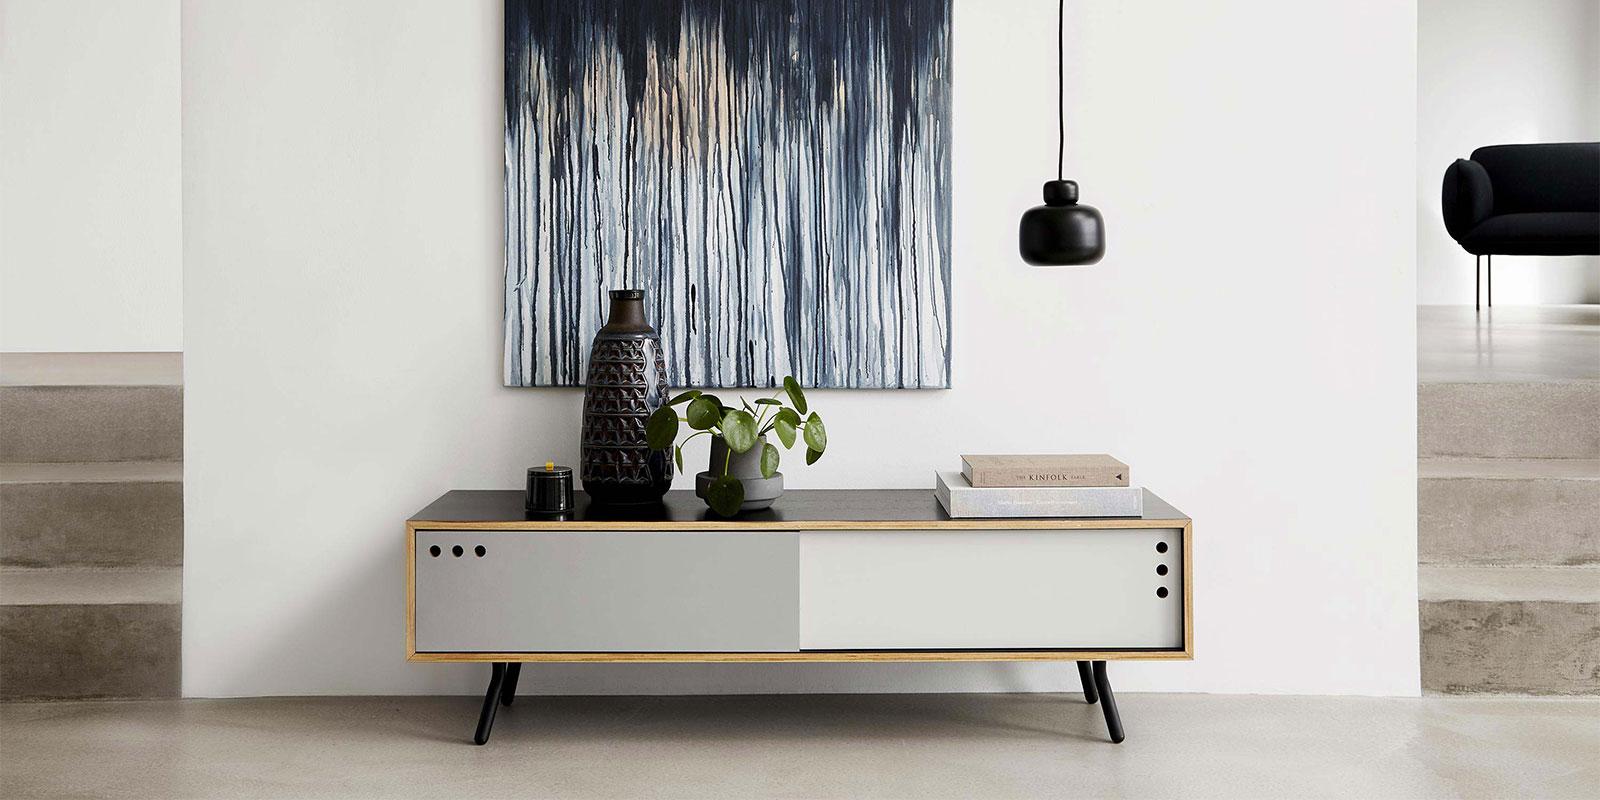 Woud jeune pousse du design scandinave - Made design mobilier ...